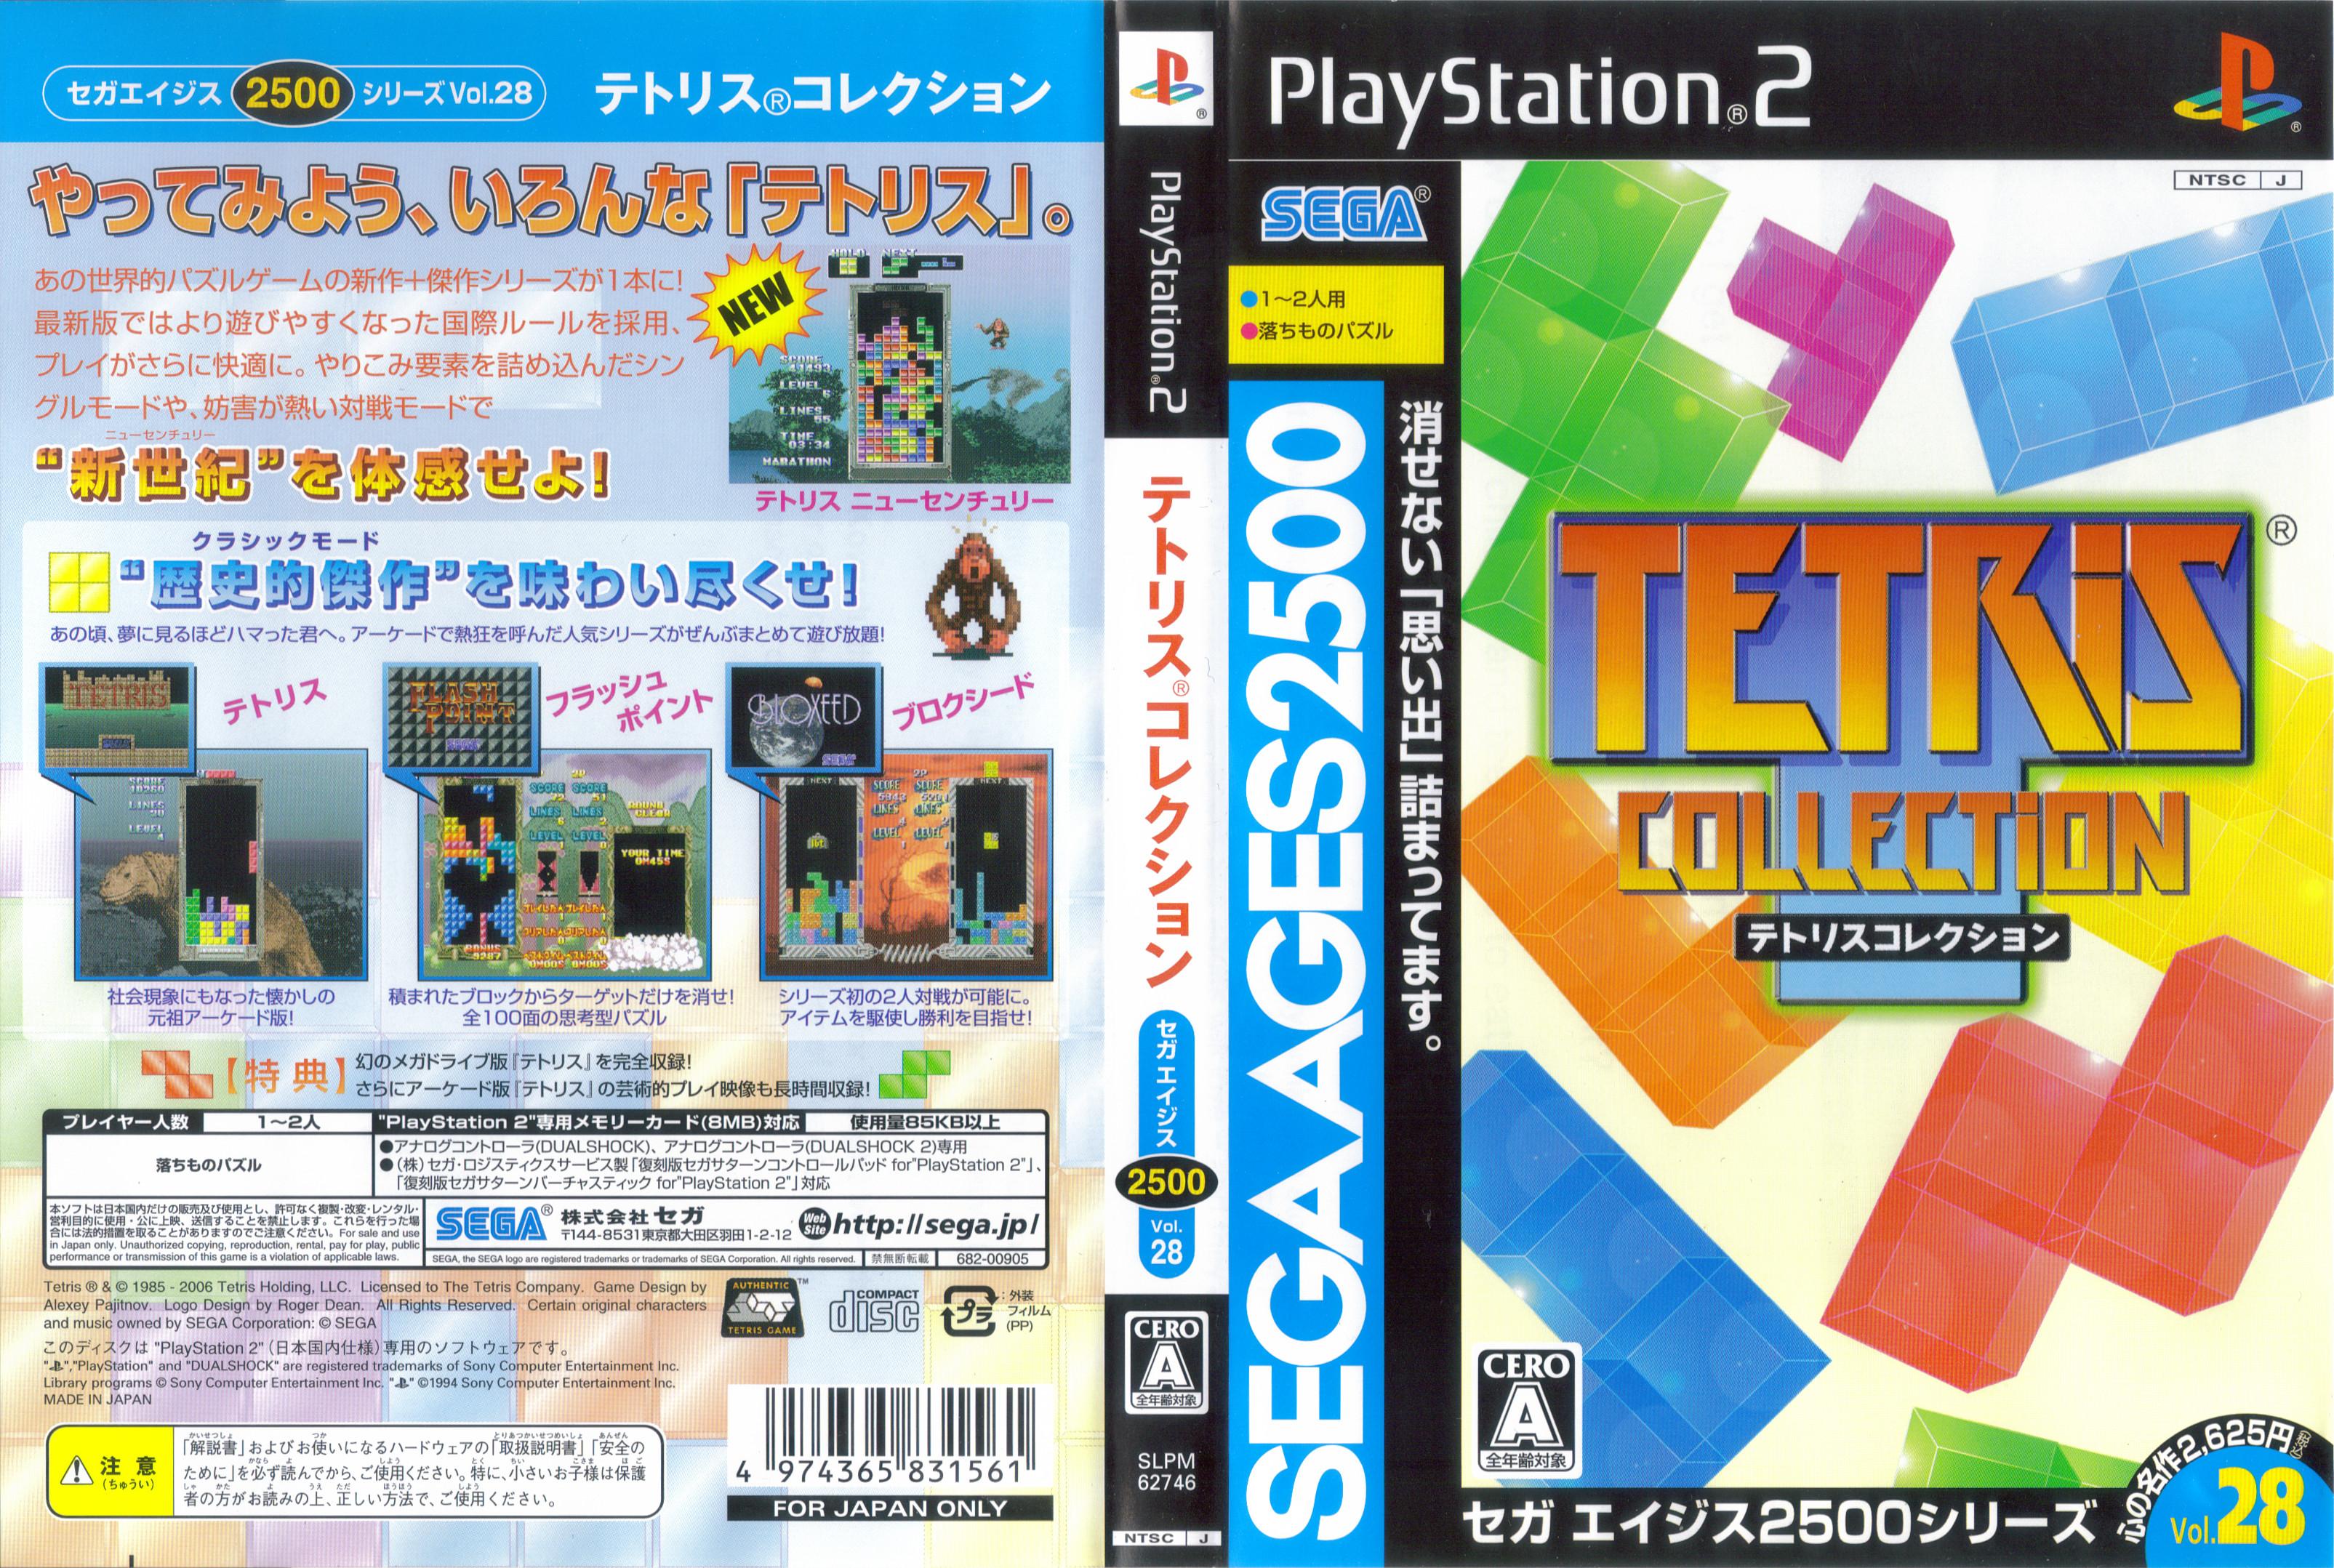 tetris collection